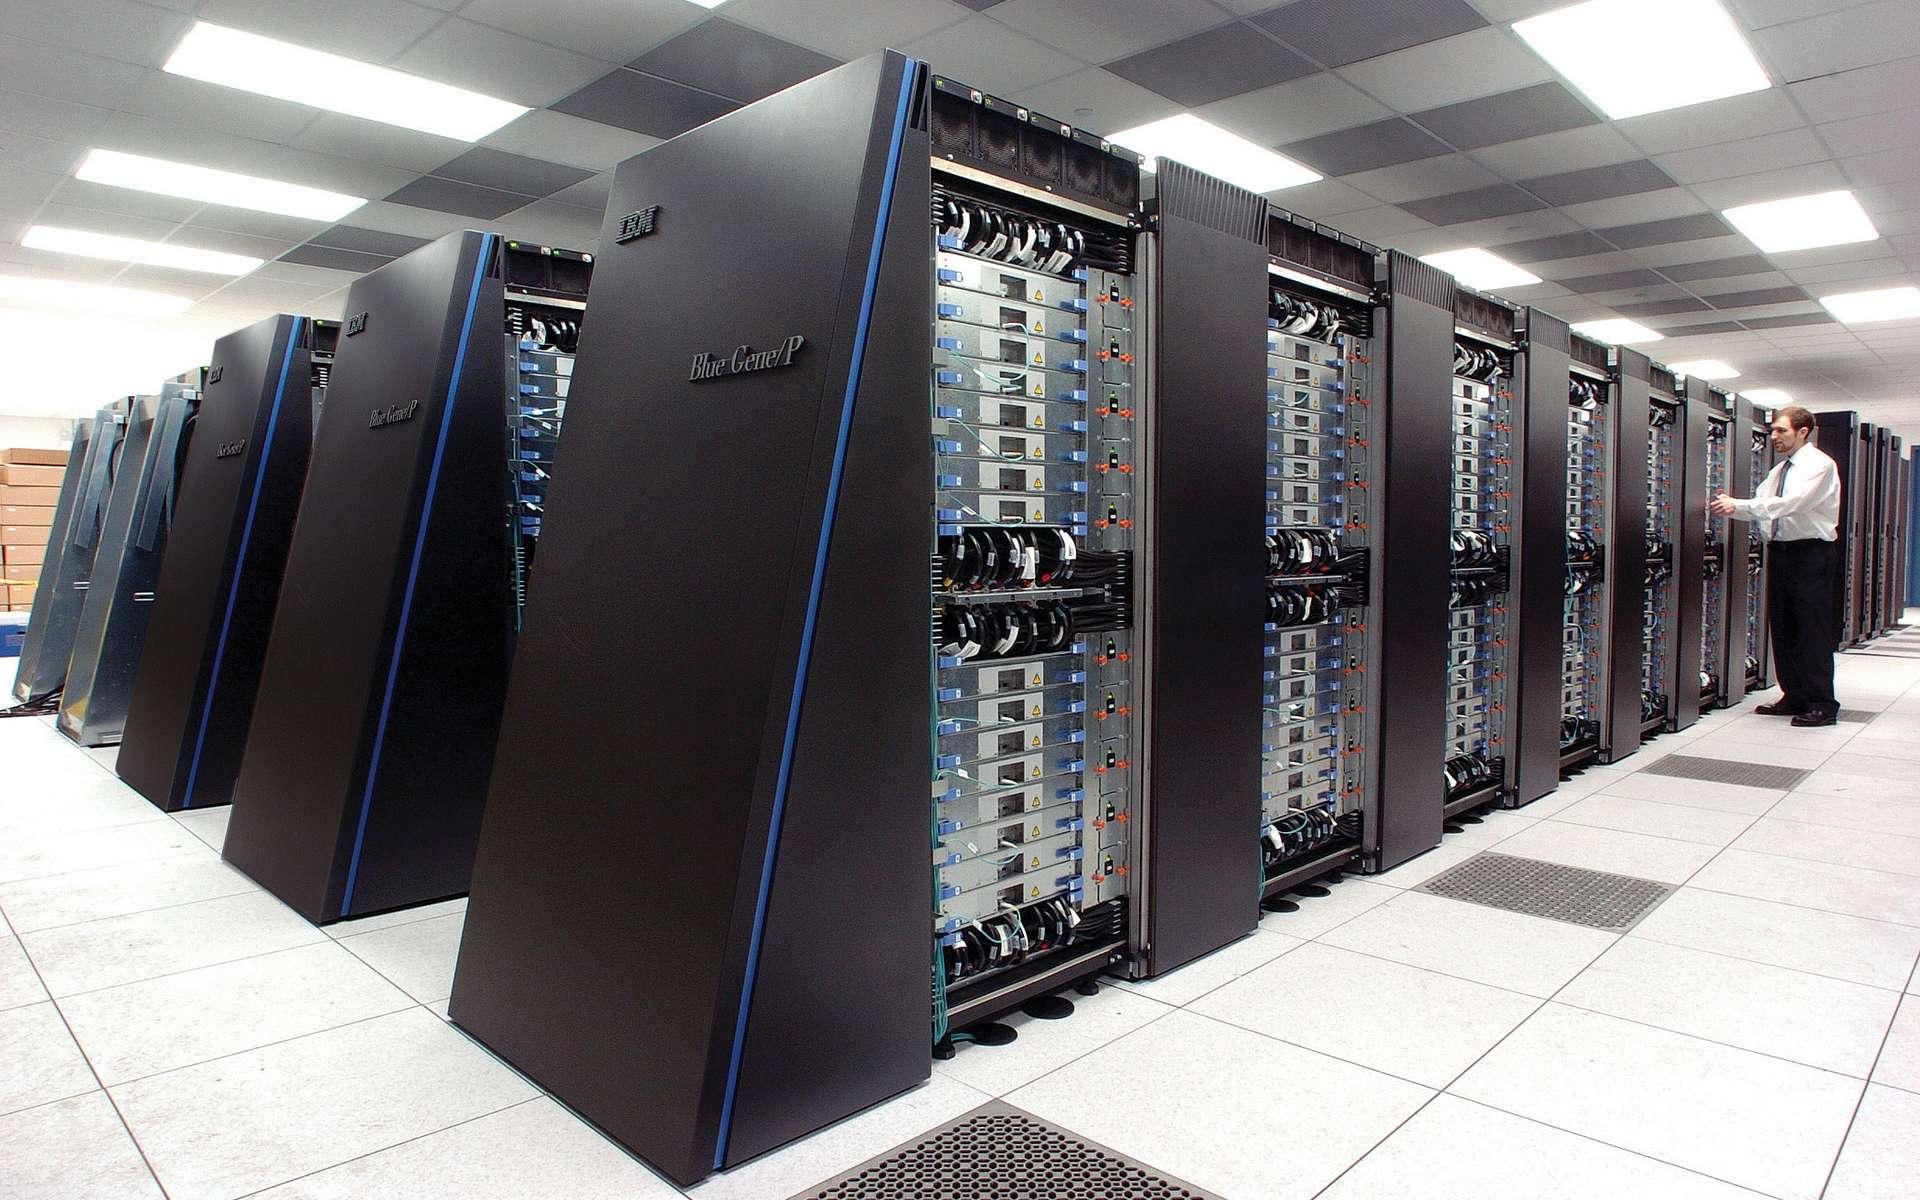 Une vue d'un des superordinateurs Blue Gene/P d'IBM. Gourmands en énergie, ils nécessitent d'être refroidis. On aurait tout intérêt à disposer de puces dissipant moins de chaleur et consommant moins d'énergie. © Wikipédia, CC by-sa 2.0